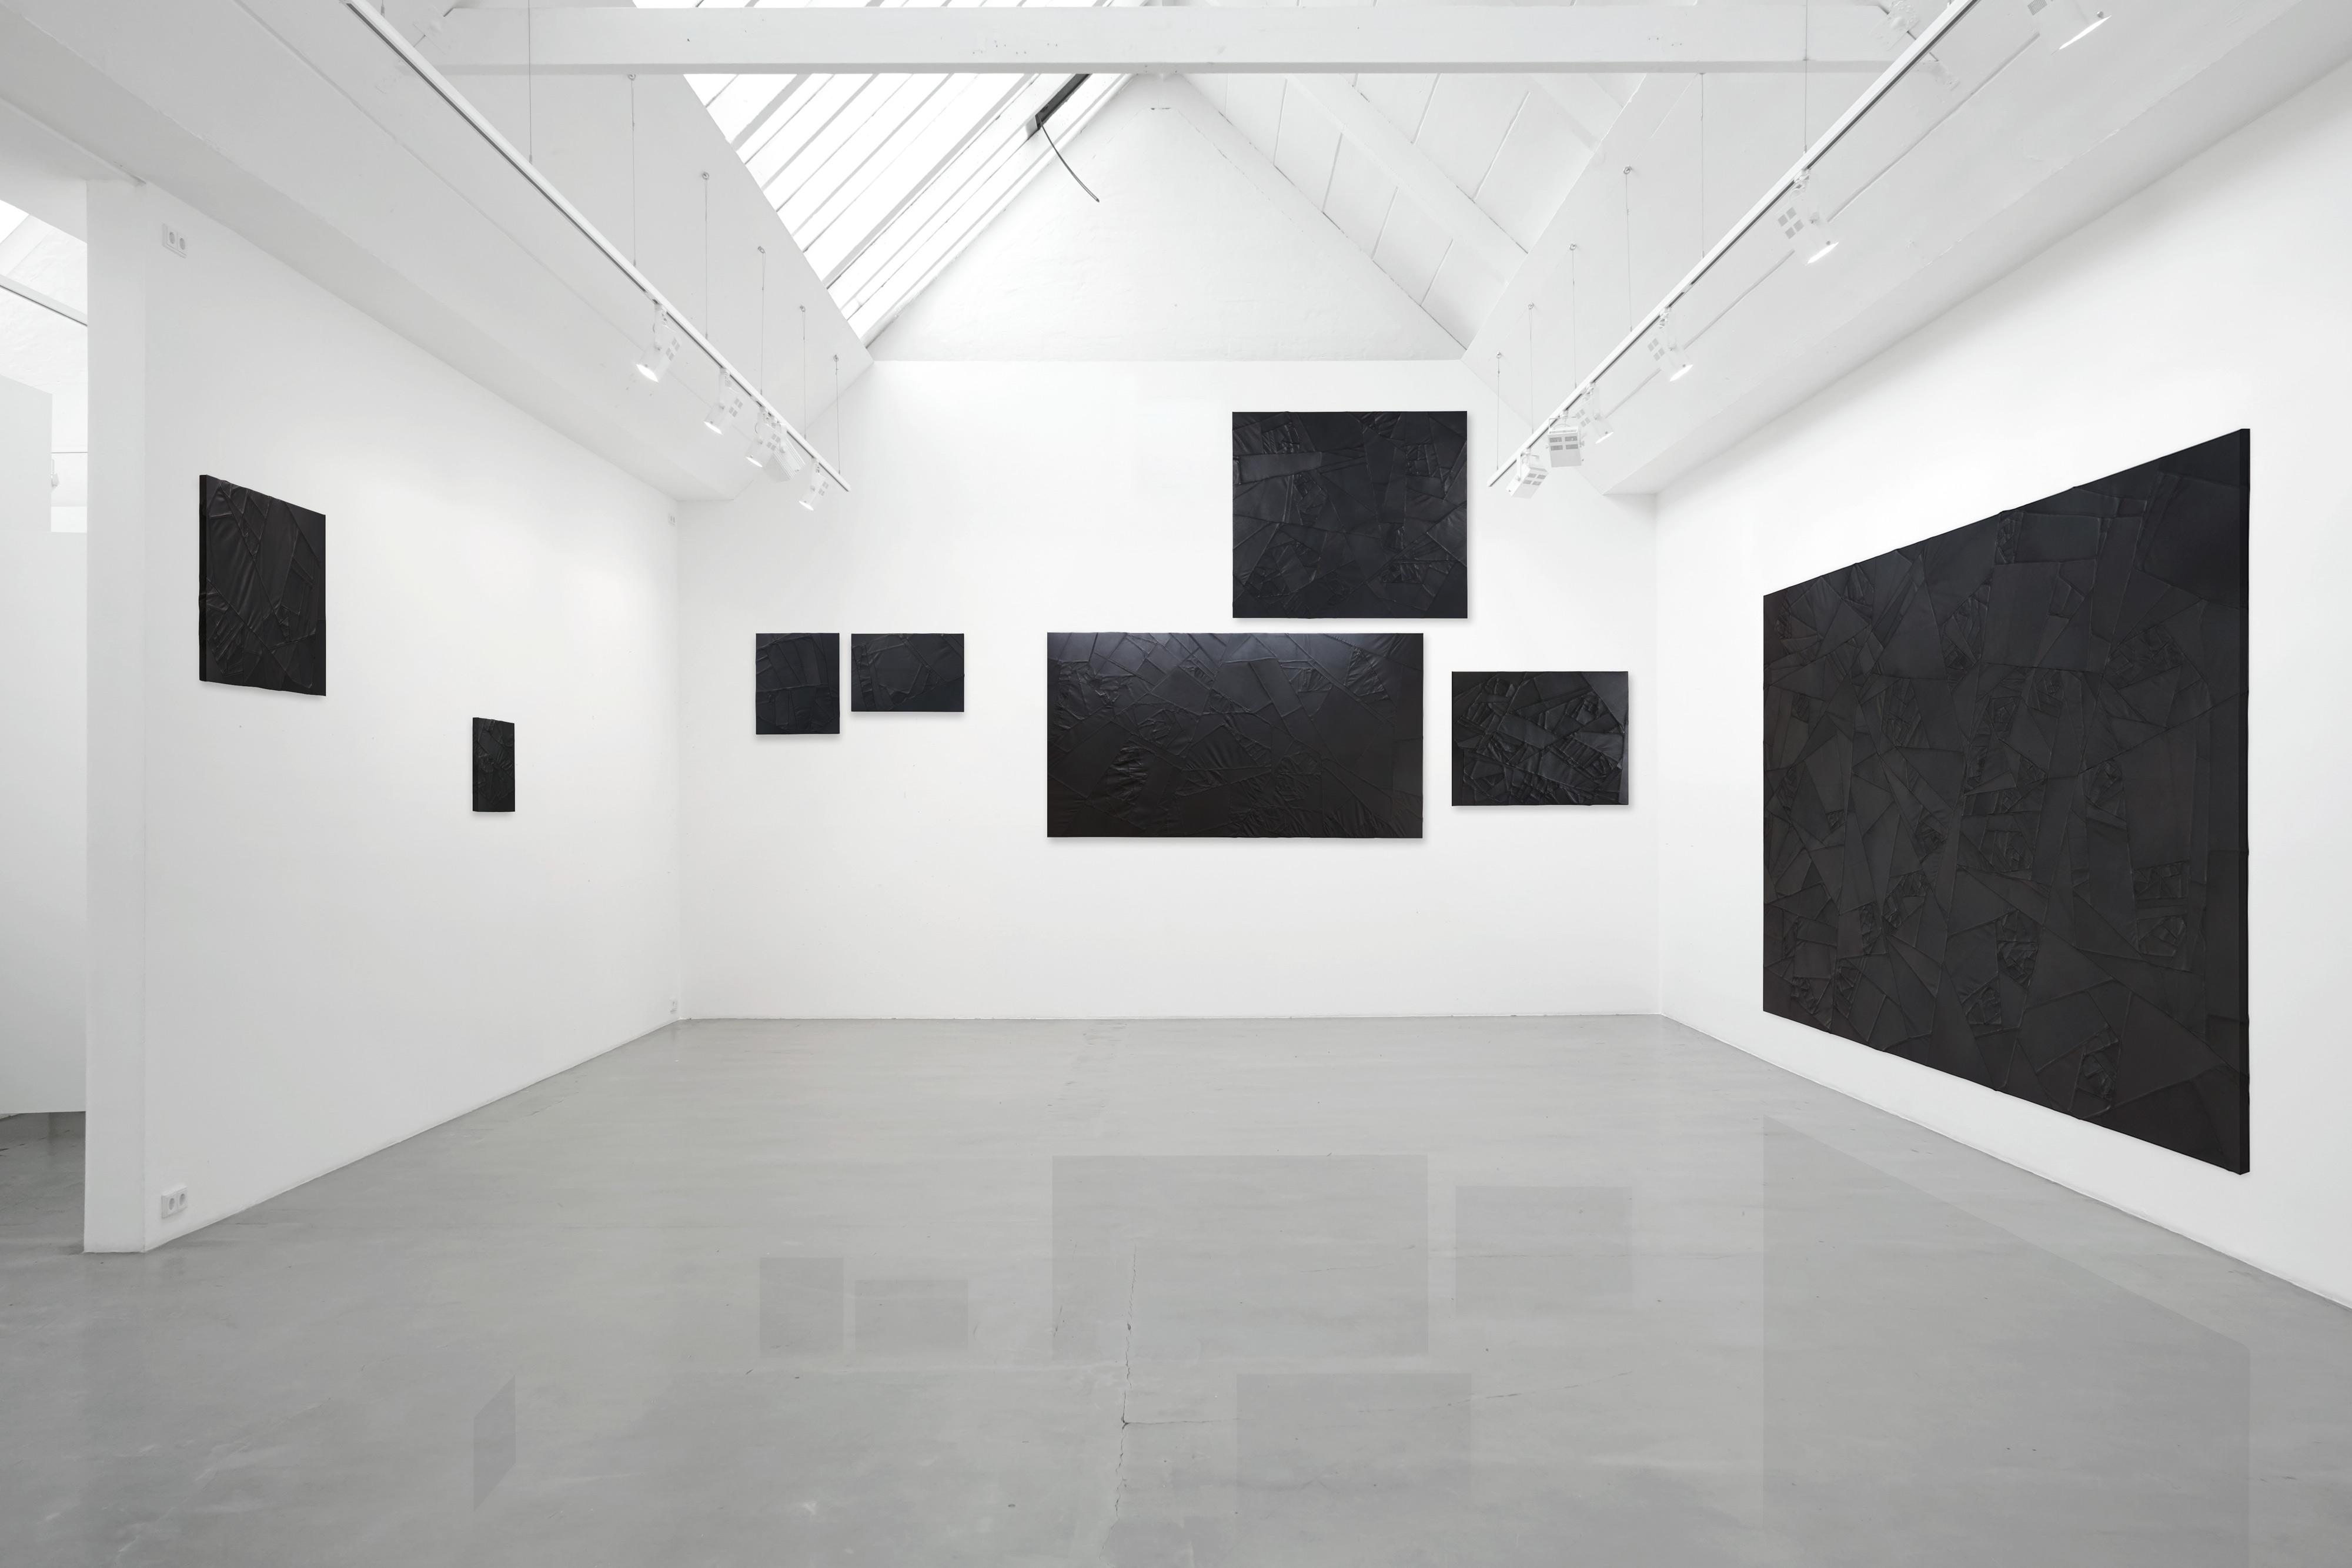 Galerie Barbara Thumm \ New Viewings #27 \ Susie Green